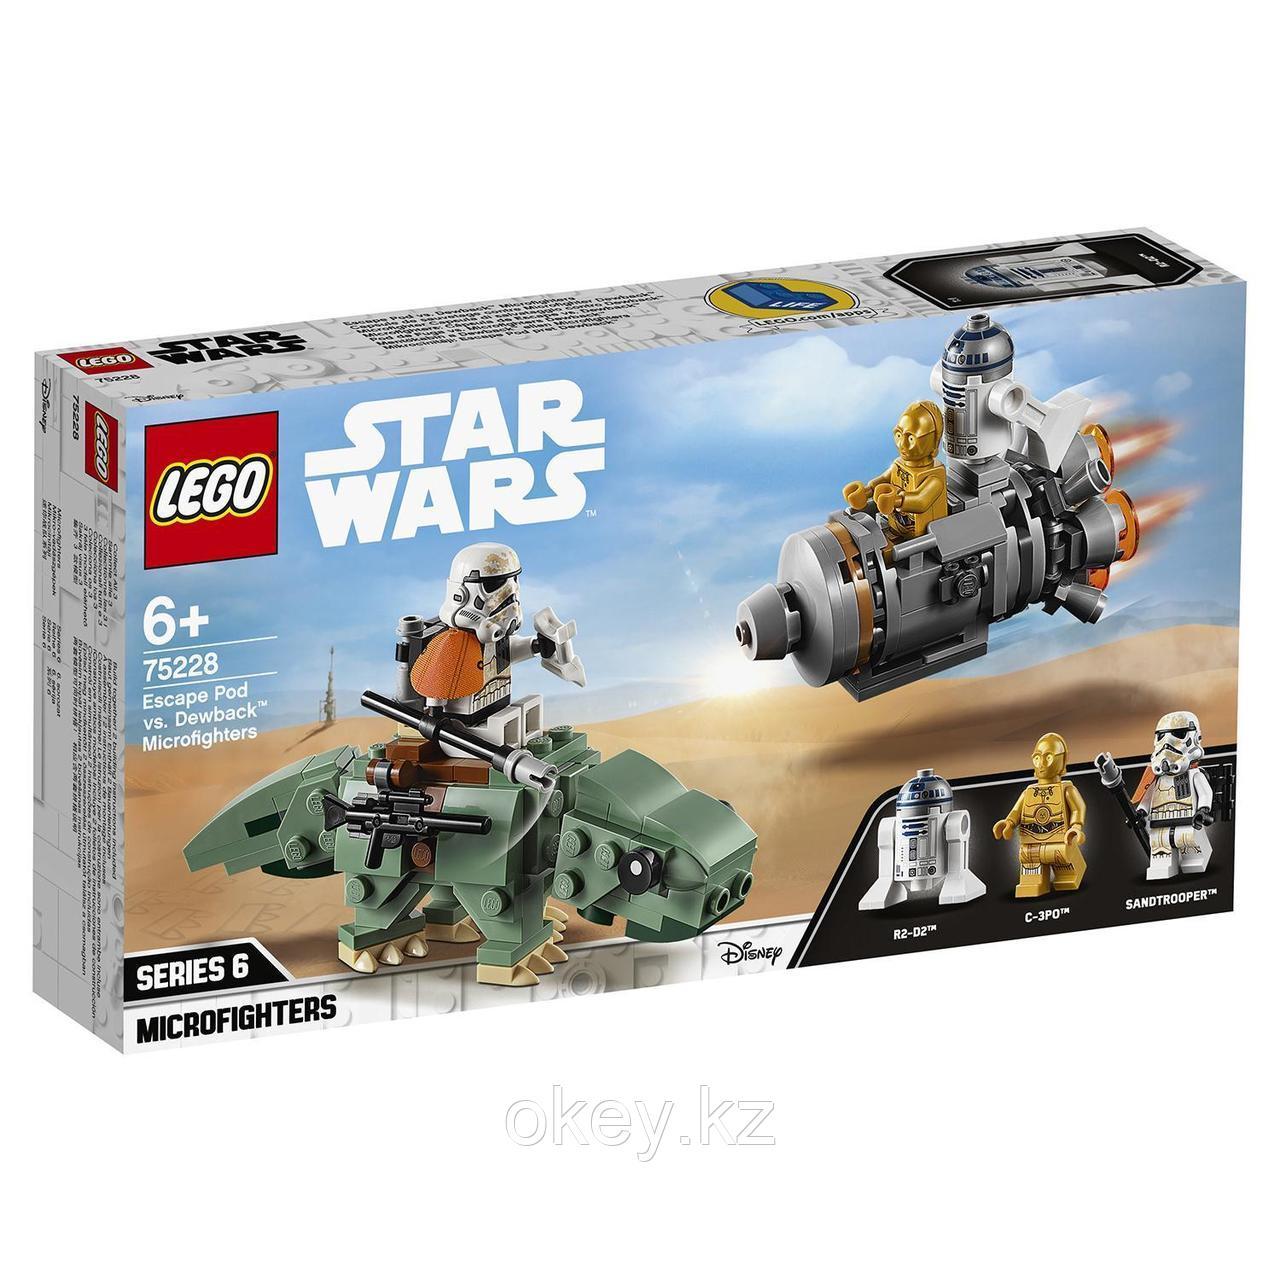 LEGO Star Wars: Микрофайтеры: Спасательная капсула и дьюбэк 75228